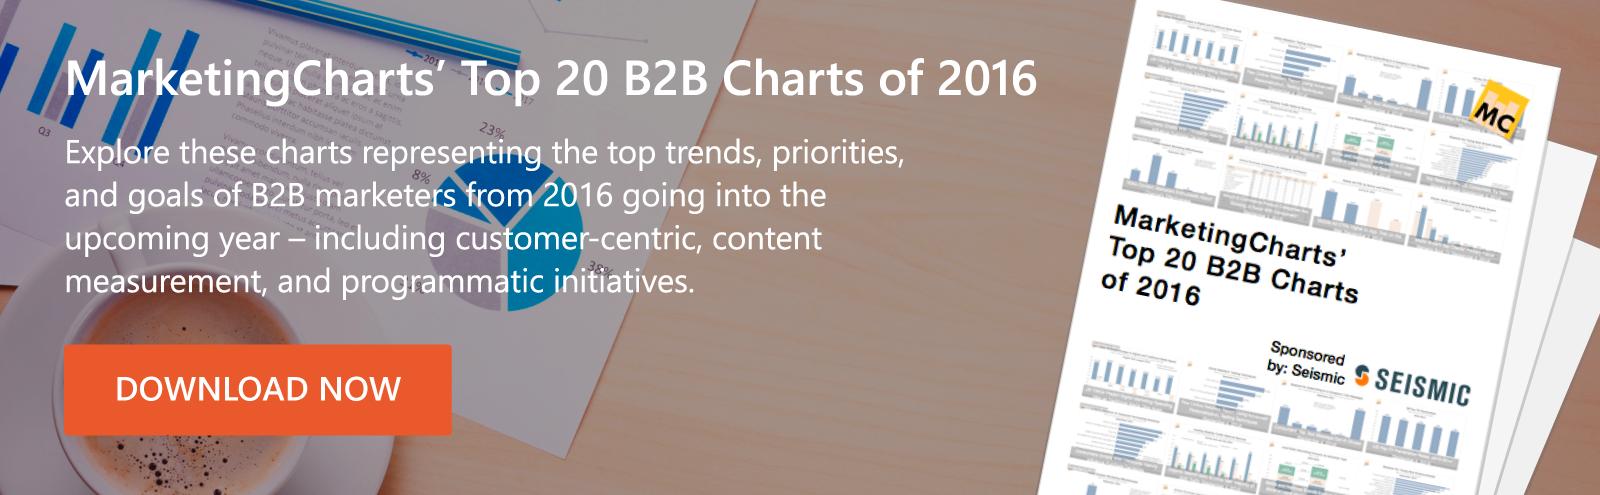 Top 20 B2B Marketing Charts